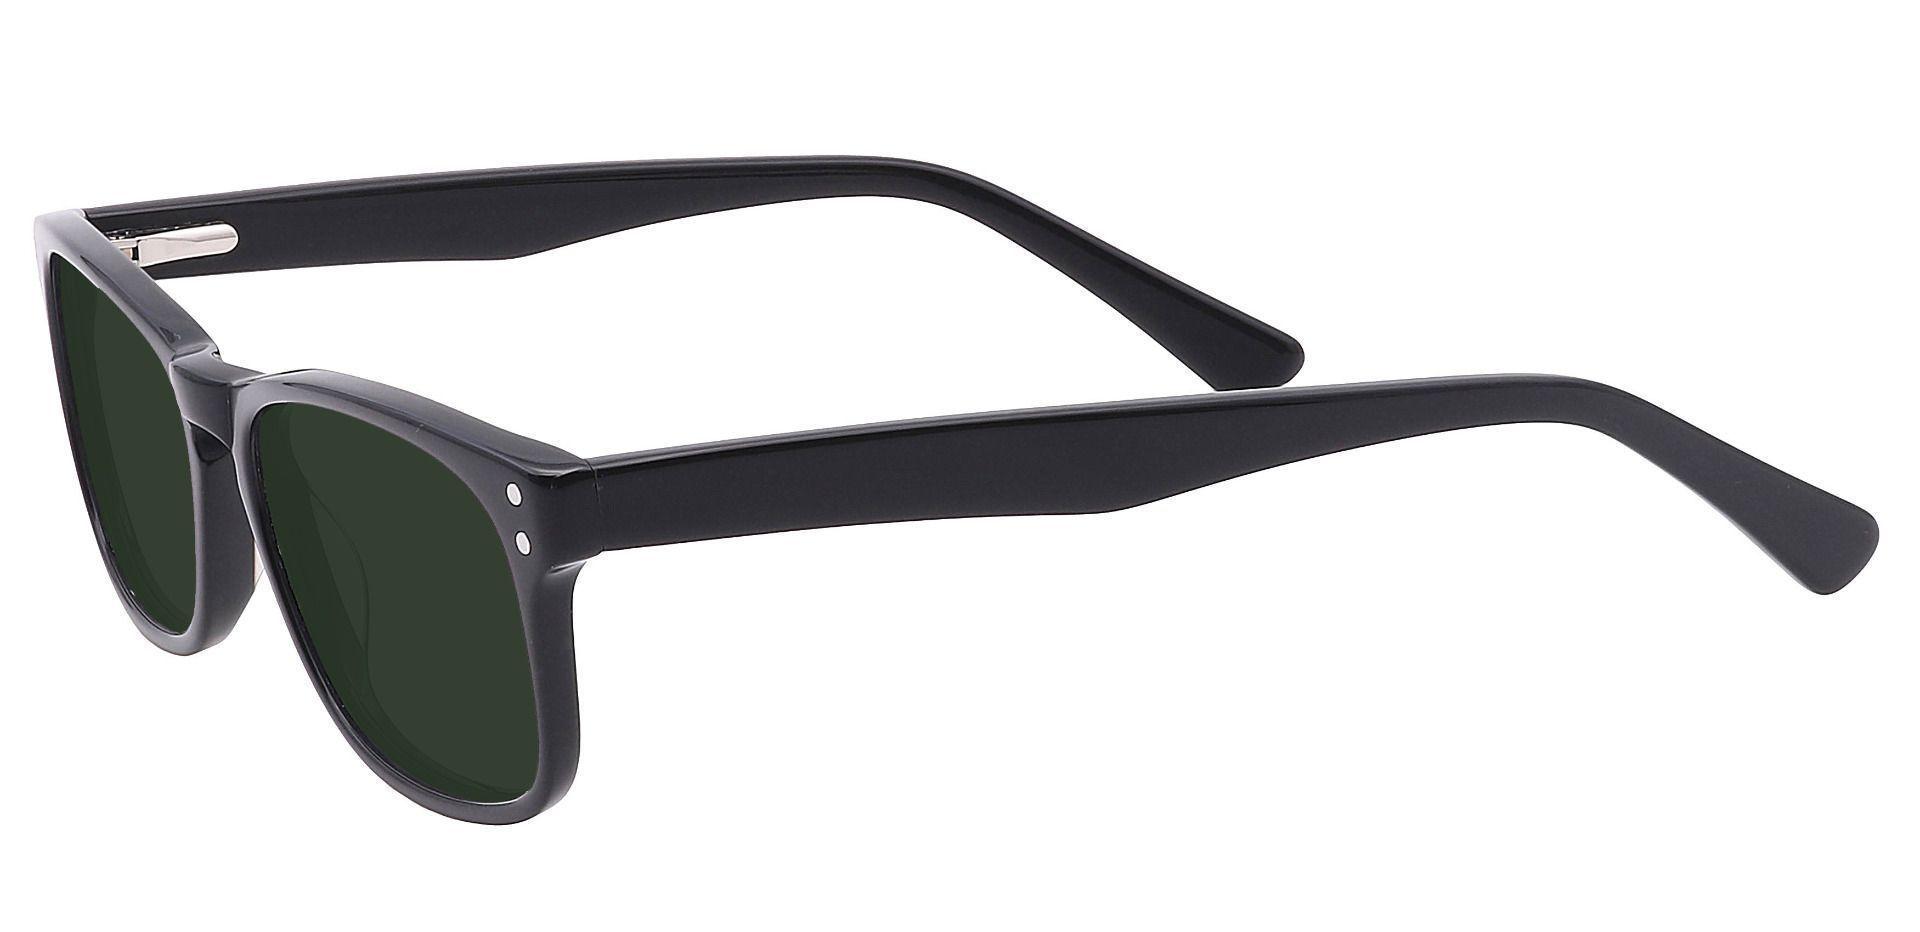 Morris Rectangle Prescription Sunglasses - Black Frame With Green Lenses